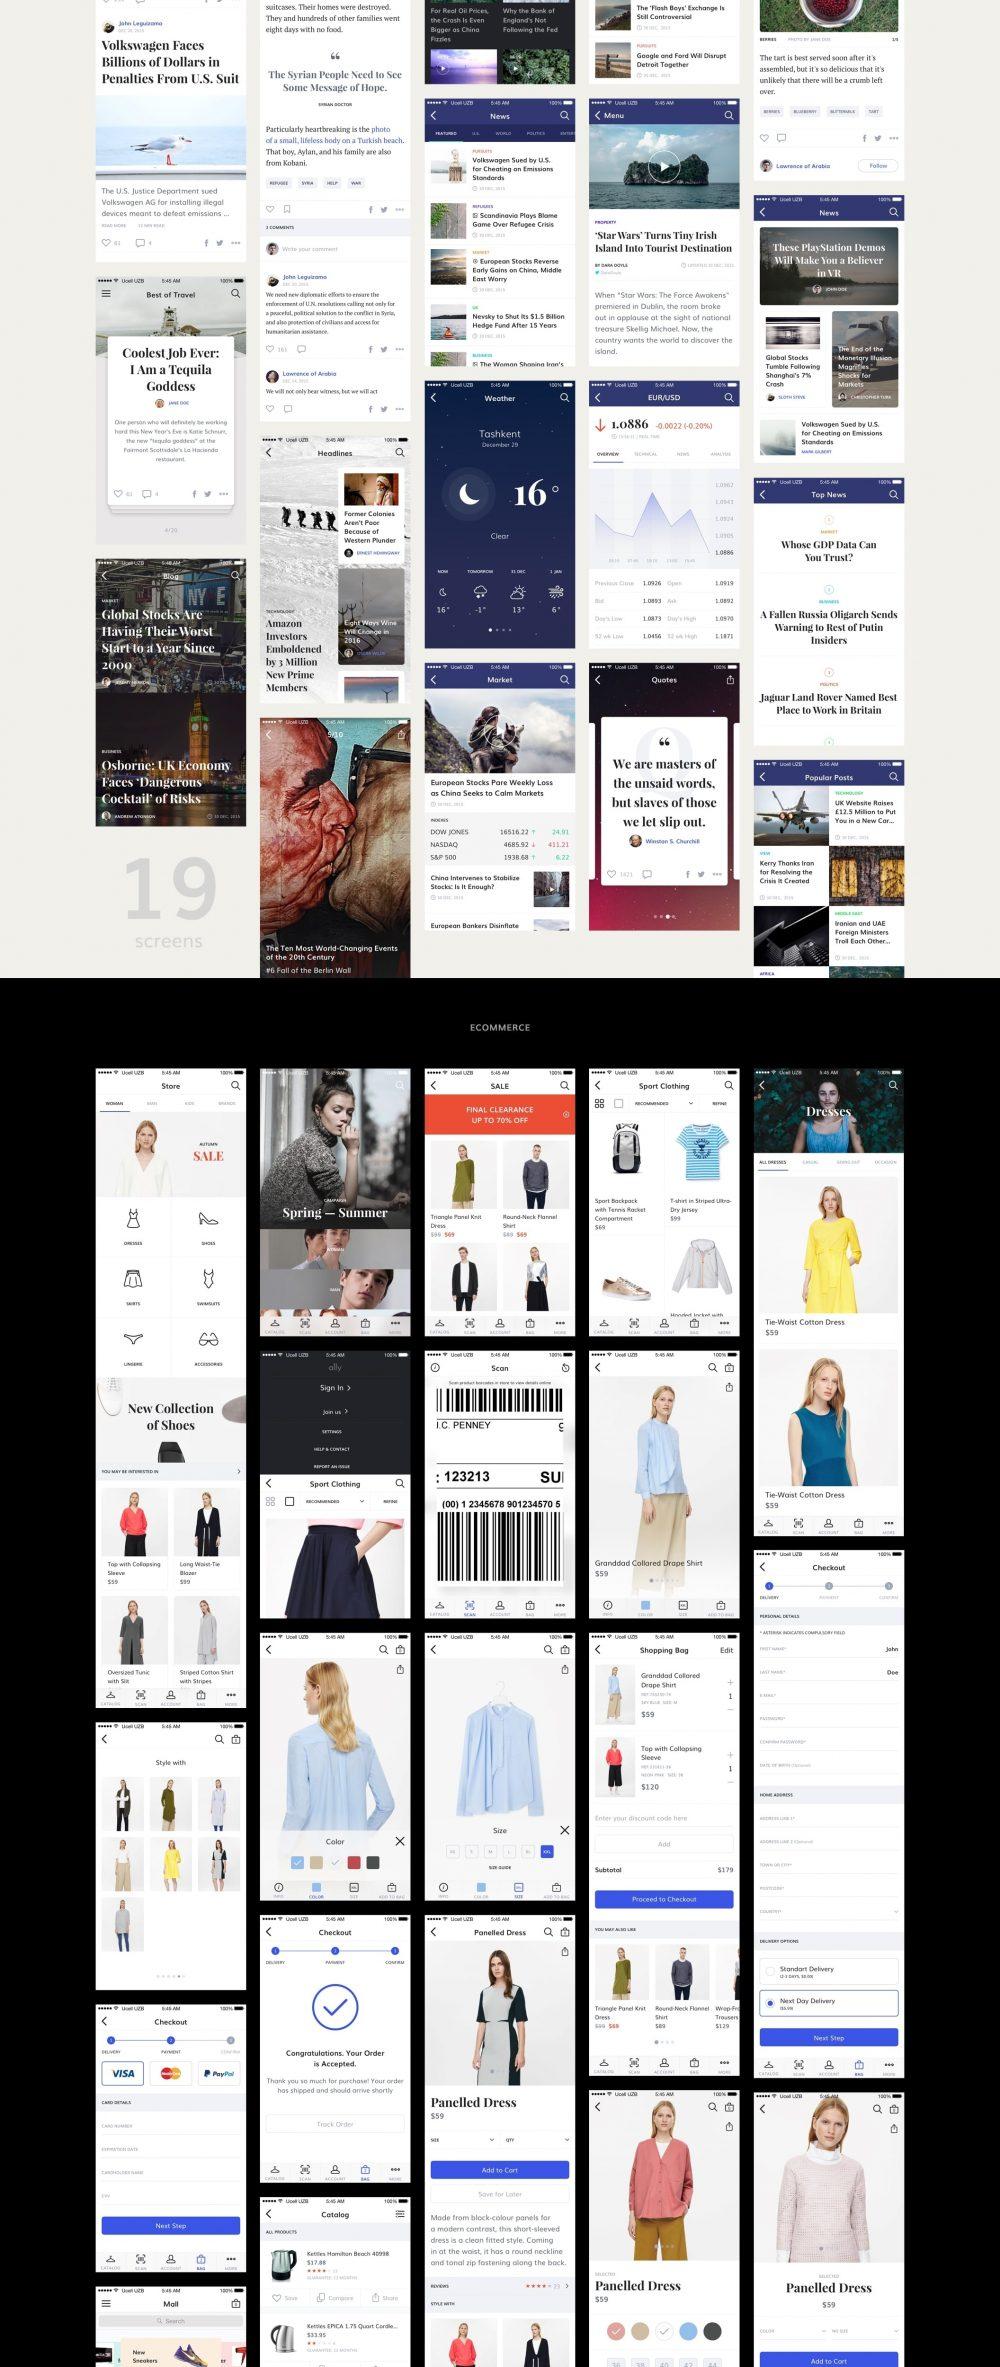 时尚的150多个移动UI界面设计套件psd素材下载 主题包-第3张